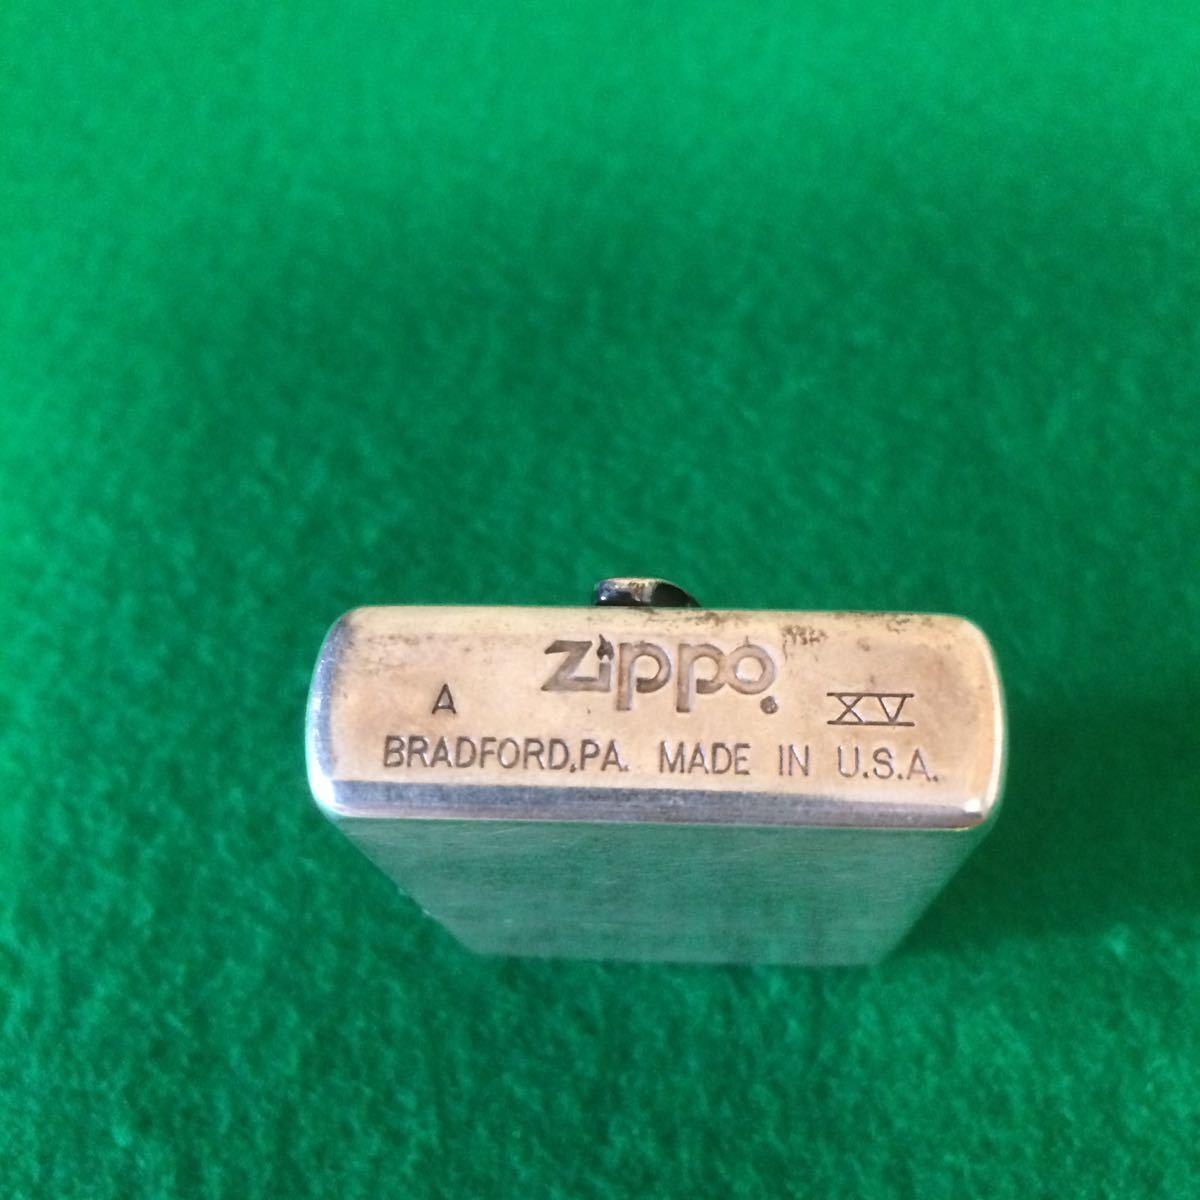 古い ビンテージ ZIPPO limited 古いジッポー ライター アンティーク コレクション レア リミテッド 希少品 NO.0871 (1)_画像3